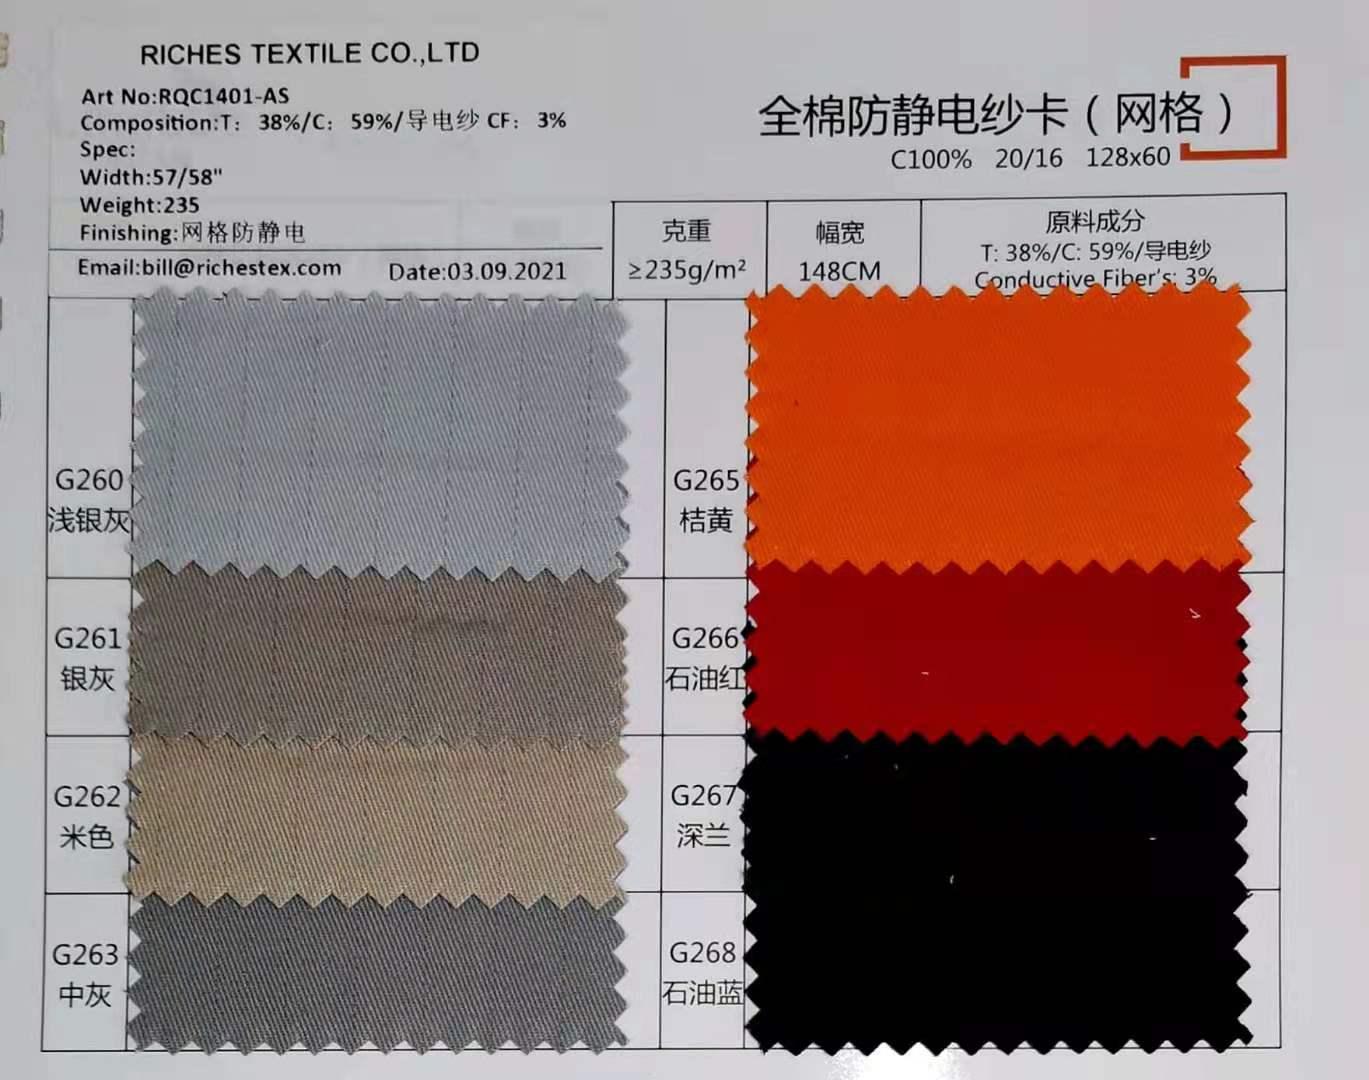 全棉防静电纱卡面料(网格)38%T*59%C*3%导电纱 235克面料